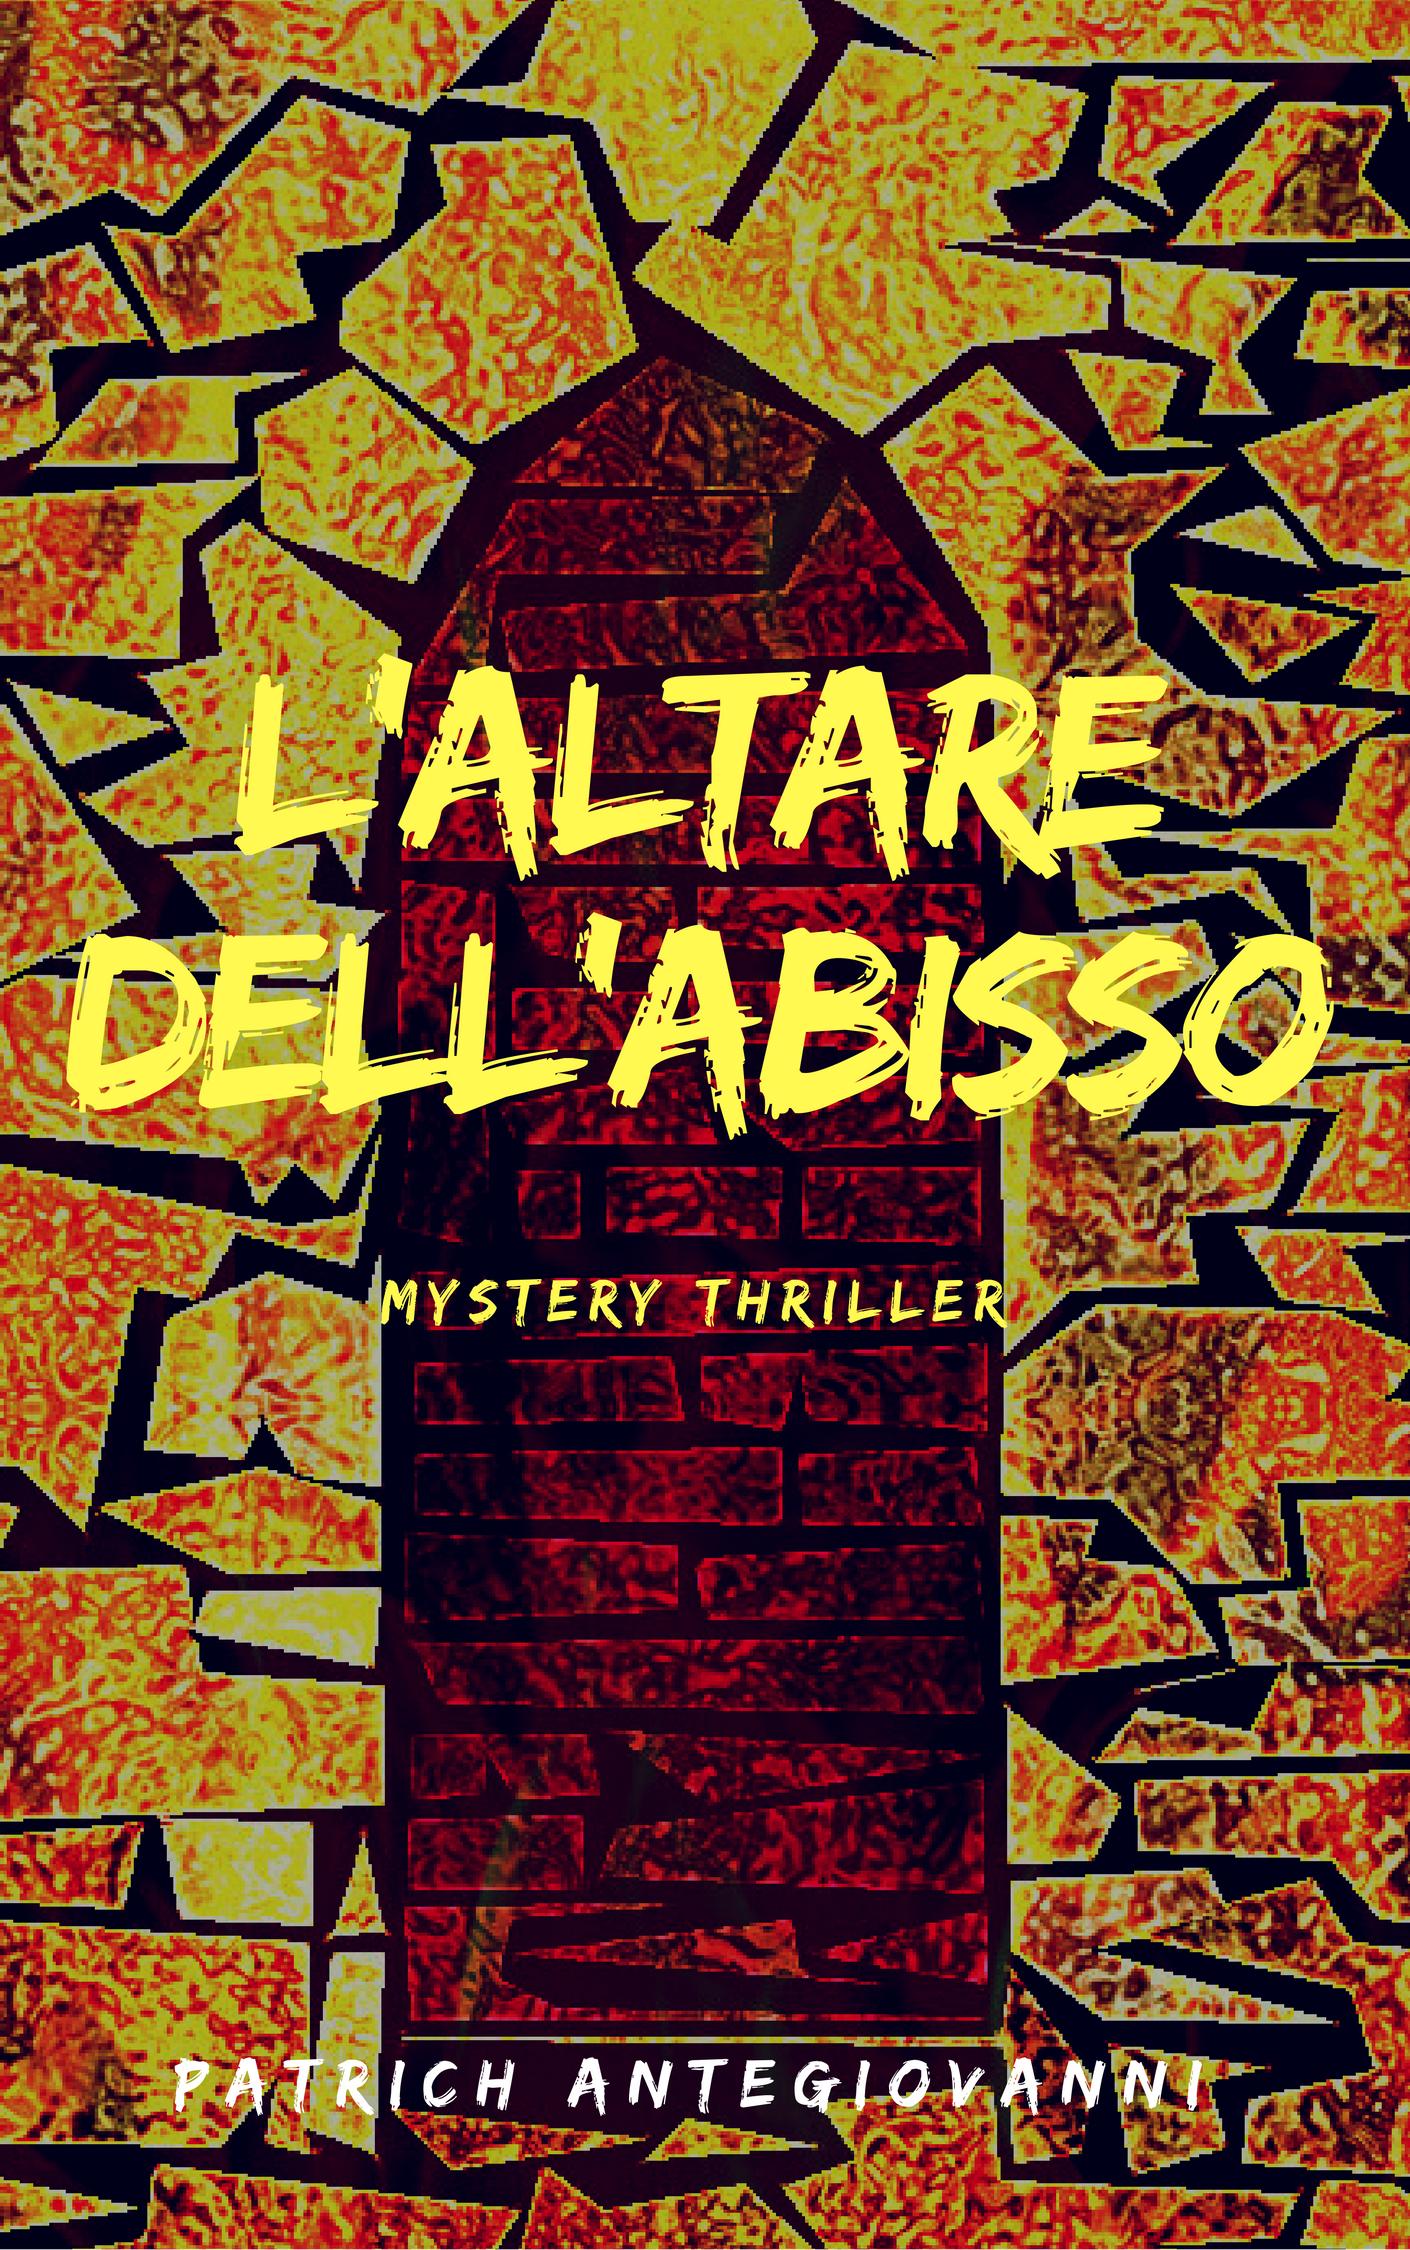 Laltaredellabisso copertina | Guide Self Publishing e scrittura online - Storia Continua